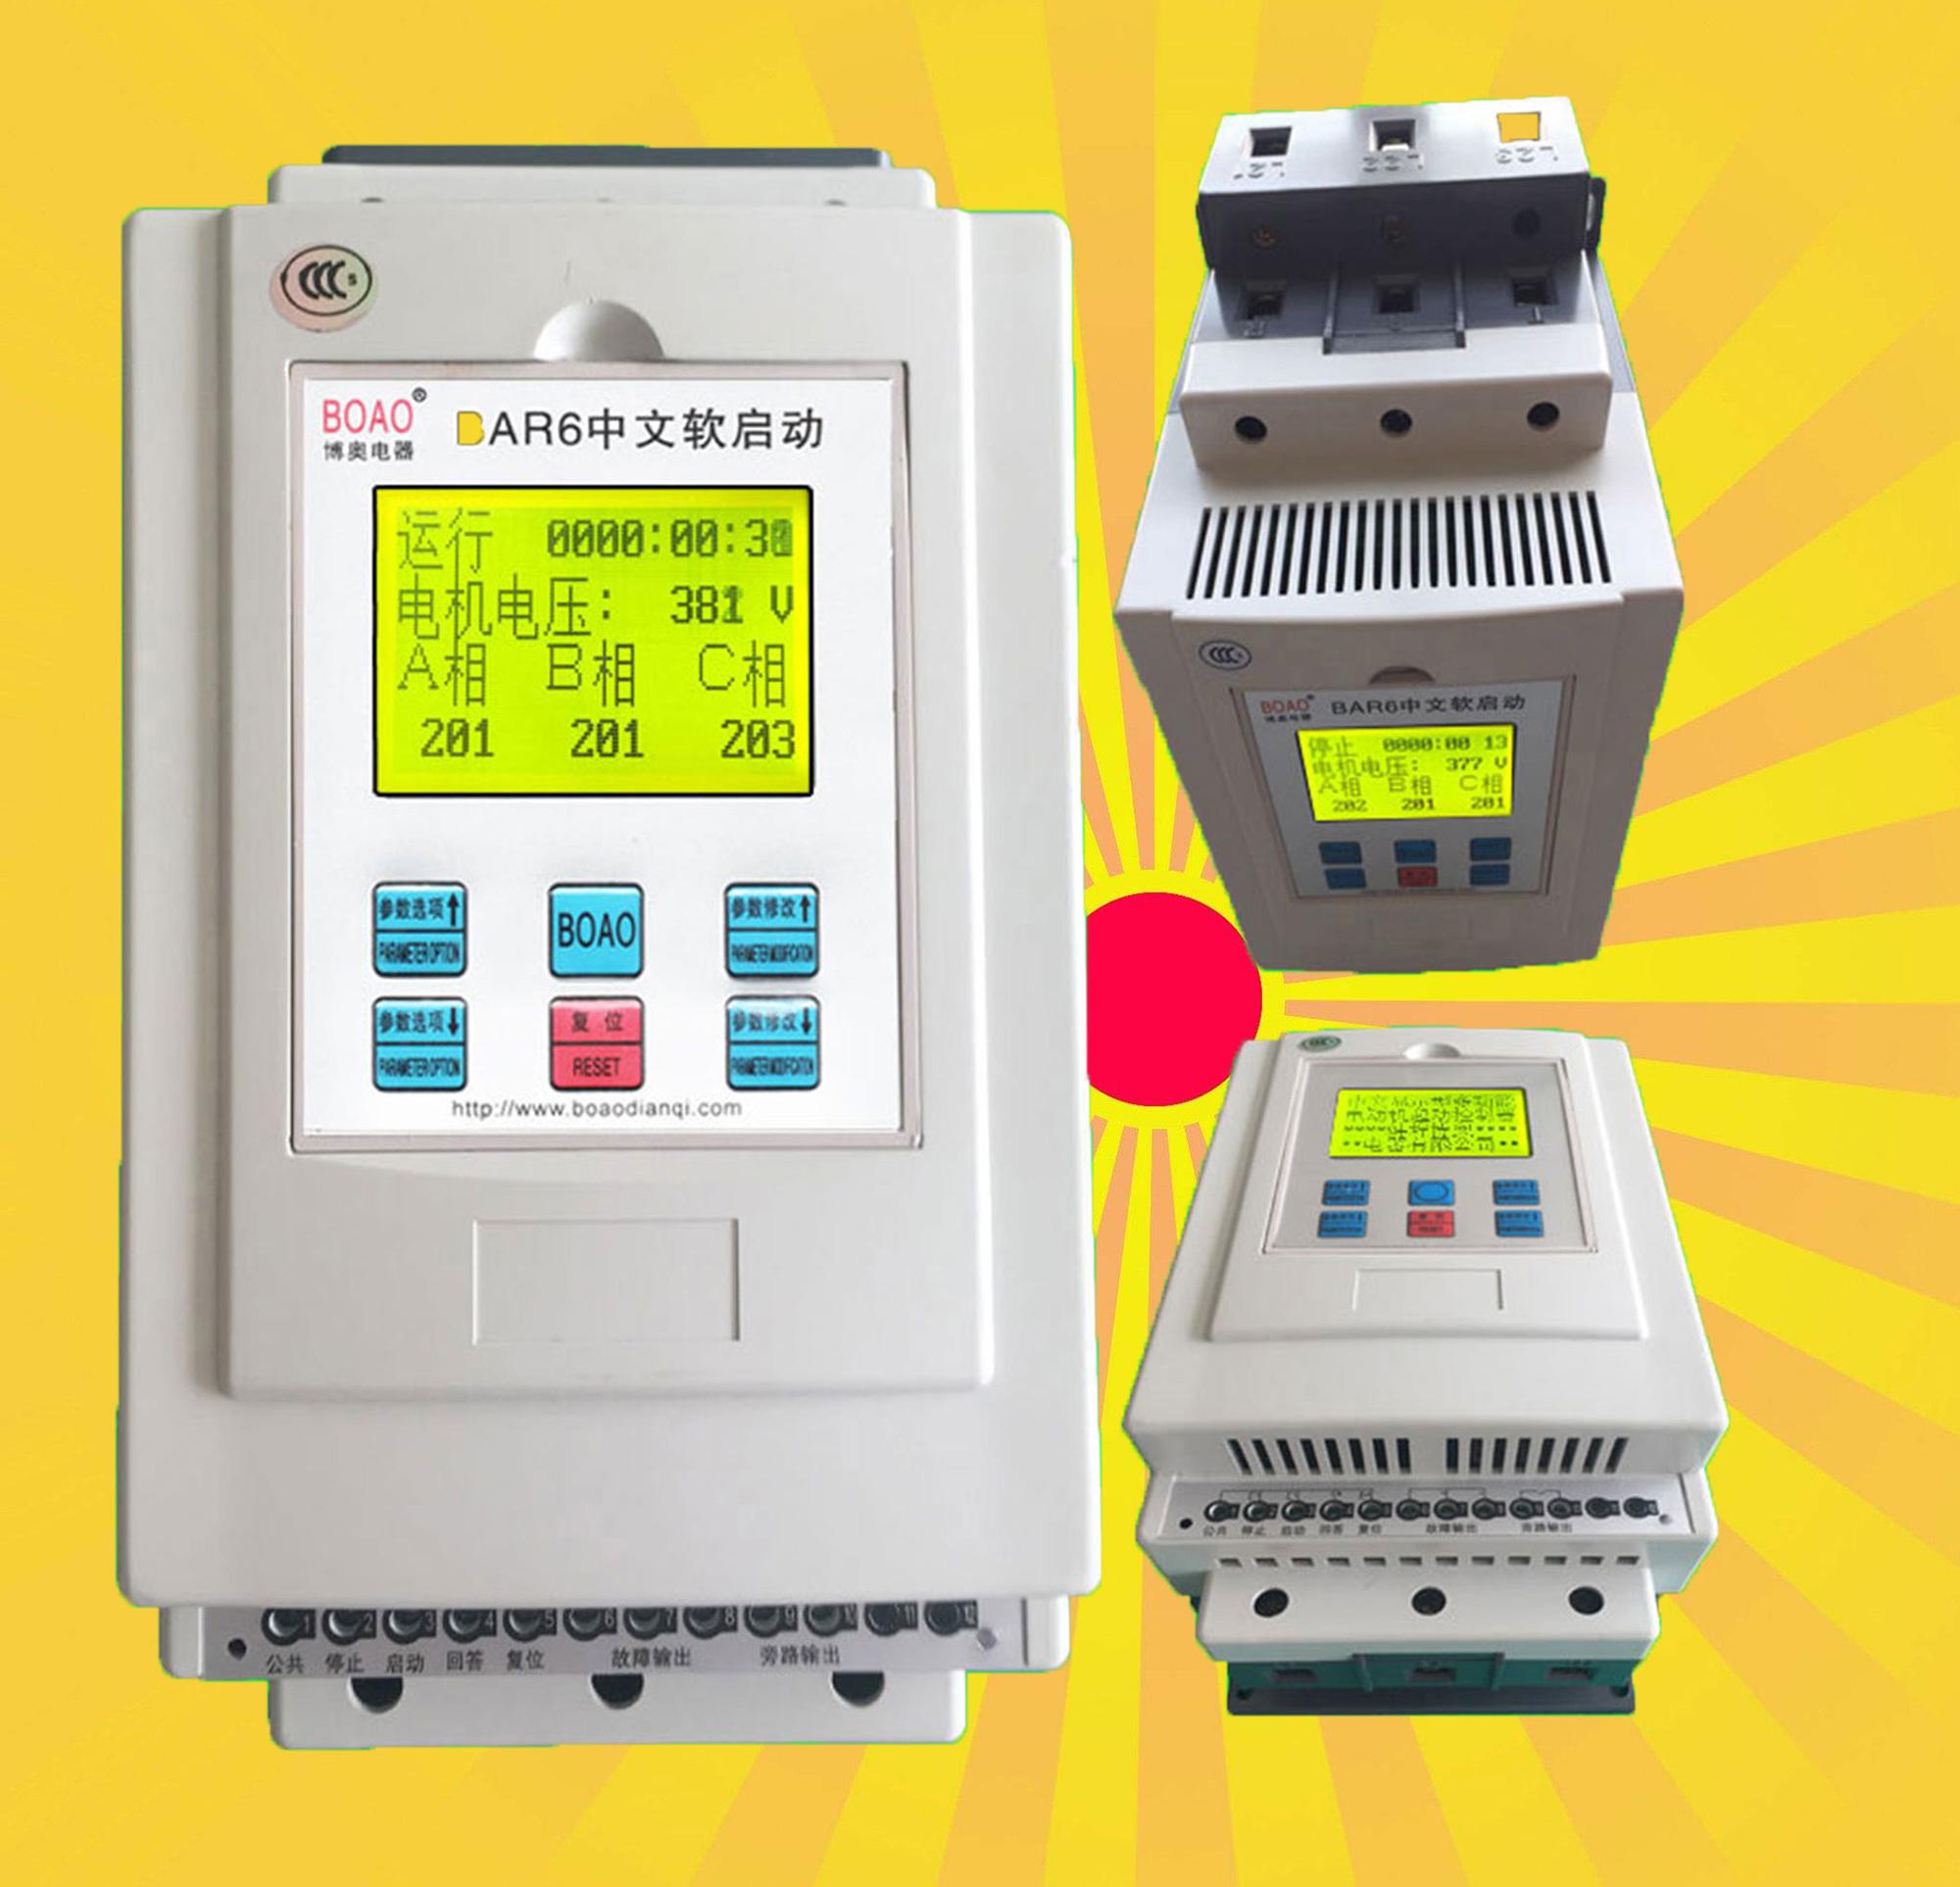 山东济南BAR6000软起动厂家电话-山东济南BAR6000软起动新价格